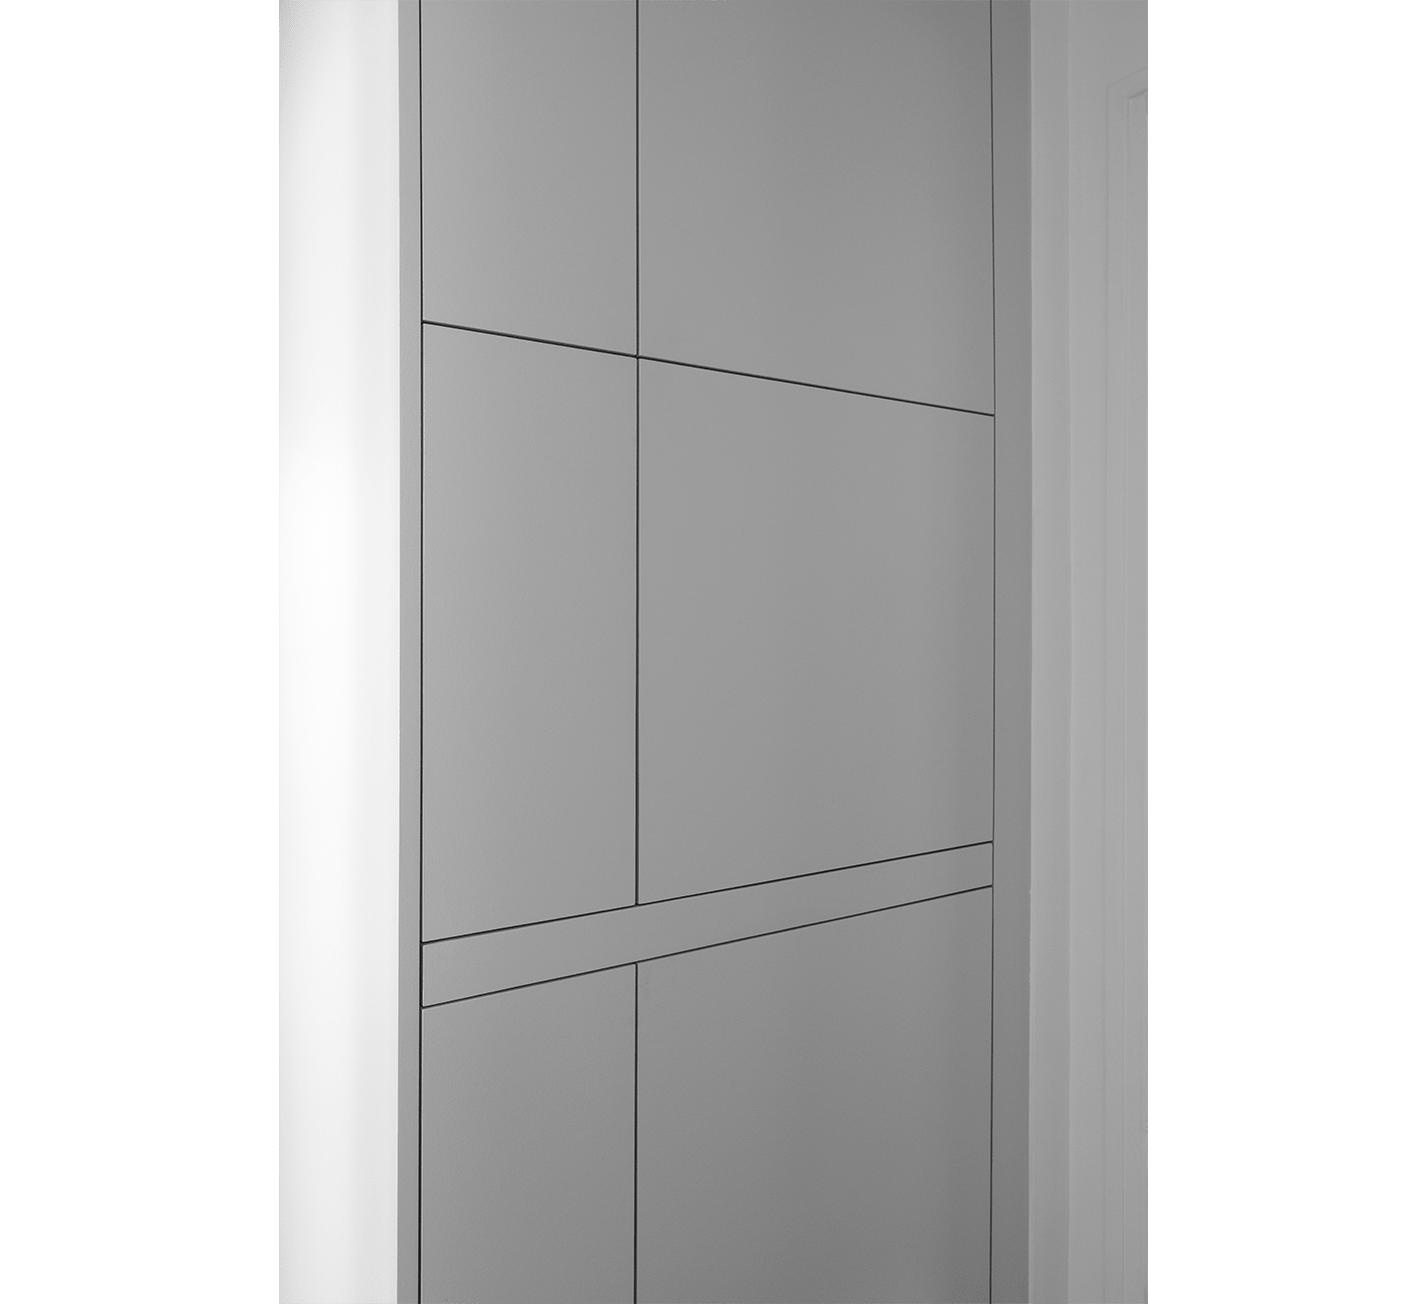 Projet-Georges-Atelier-Steve-Pauline-Borgia-Architecte-interieur-11-min